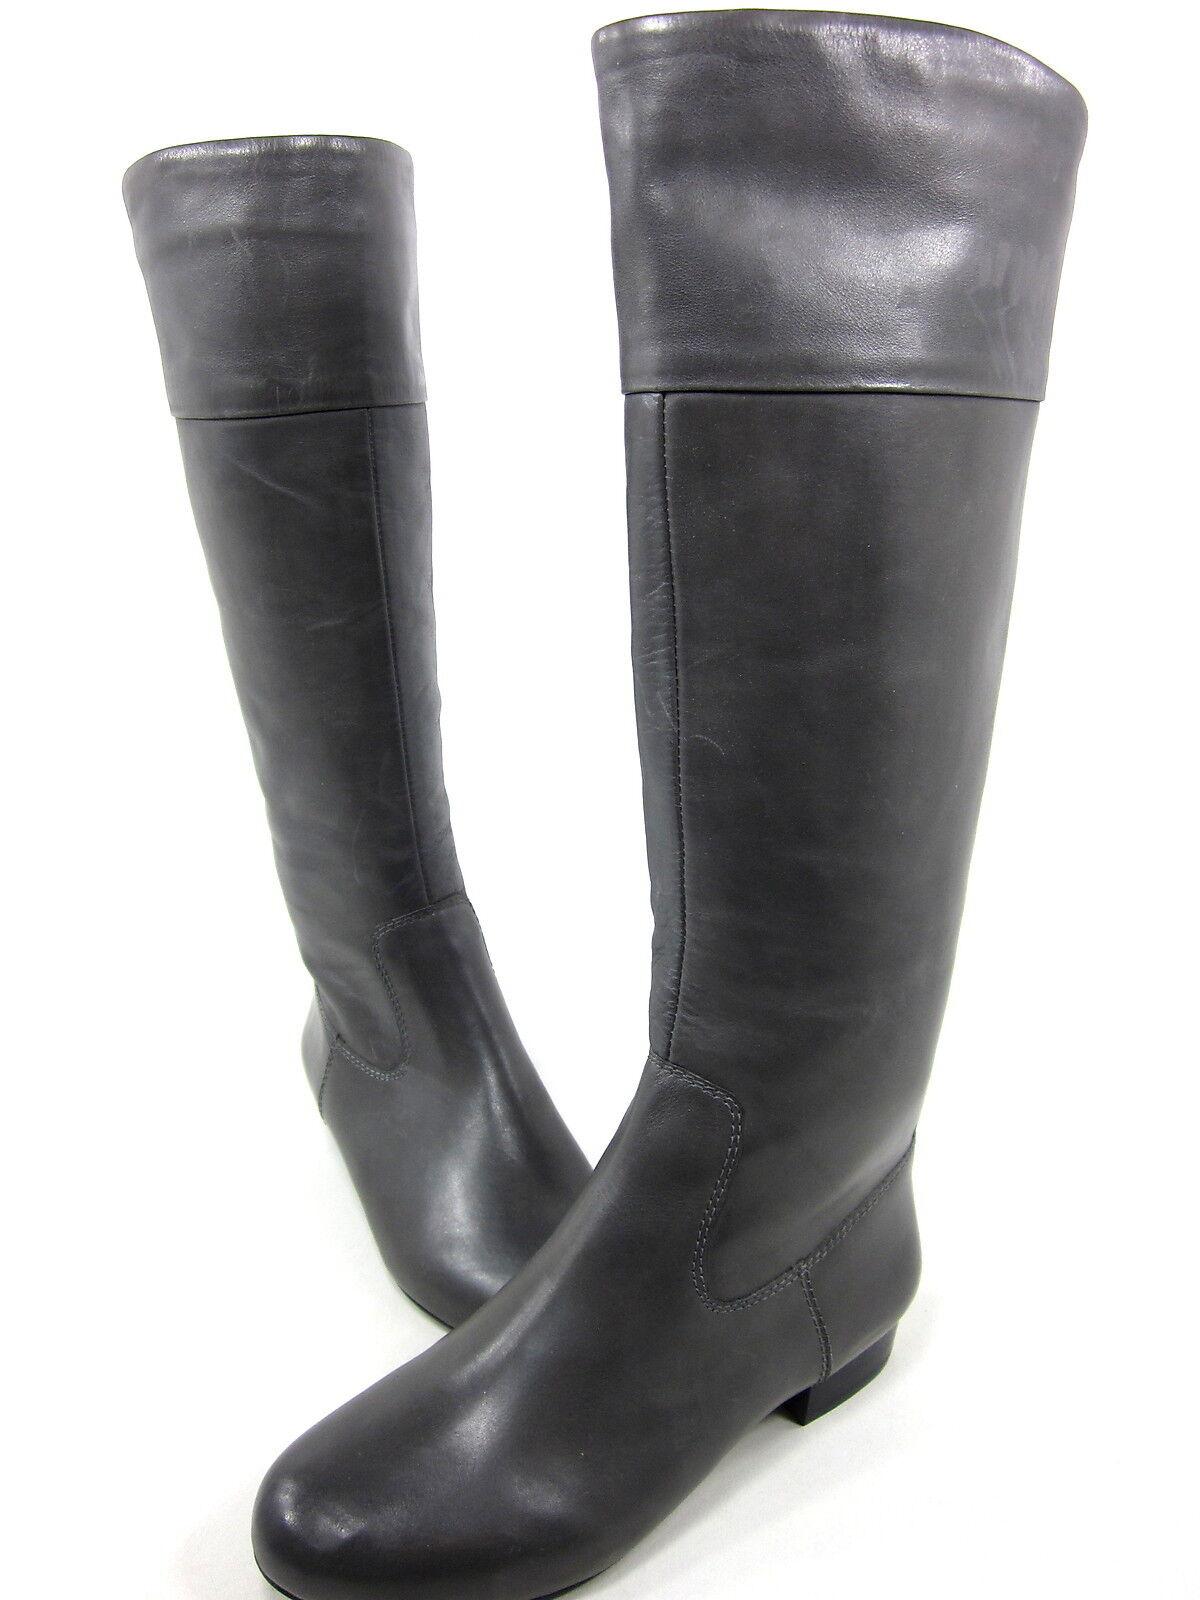 House of Harlow, Harlow, Harlow, Jean botas, Para Mujer, gris, Estados Unidos 5M, Cuero, Nuevo Exhibido, Sin Caja  Venta en línea precio bajo descuento